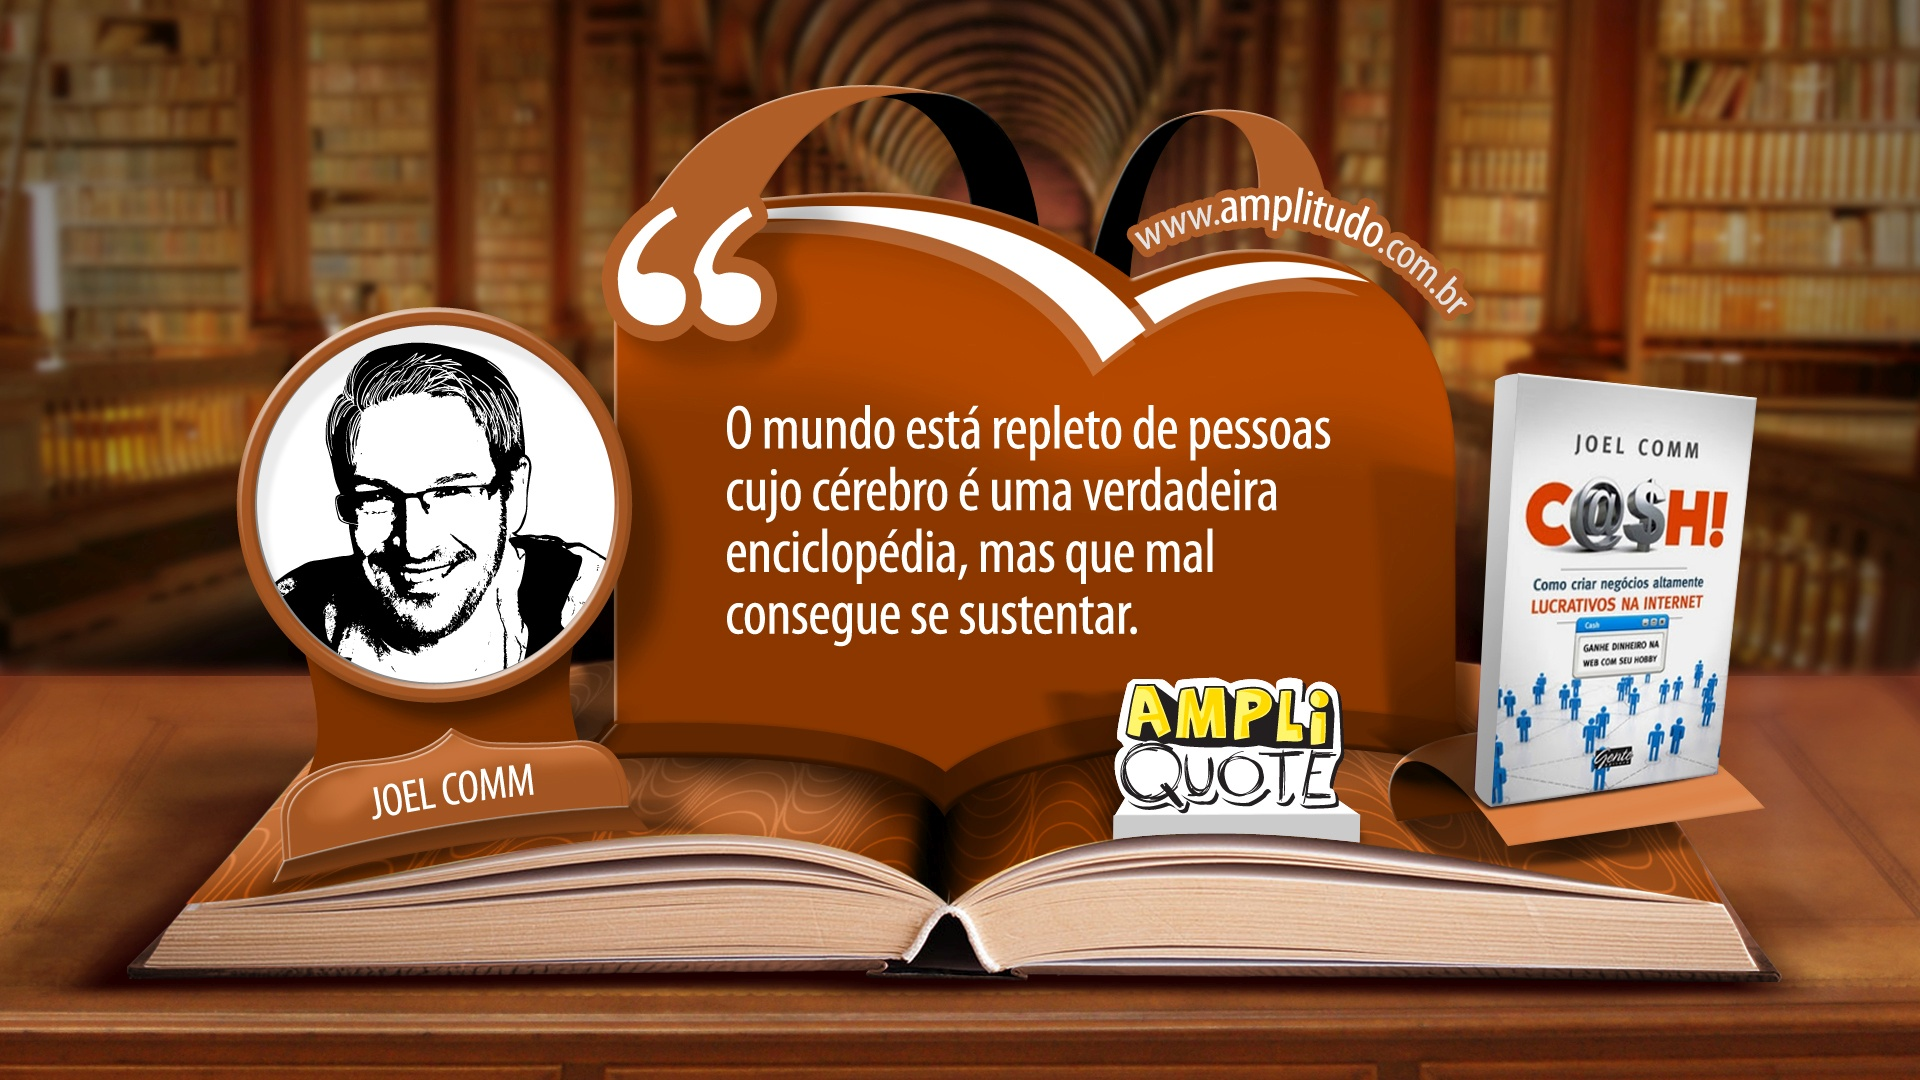 Joel Comm-cash-O mundo está repleto de pessoas cujo cérebro é uma verdadeira enciclopédia, mas que mal consegue se sustentar.